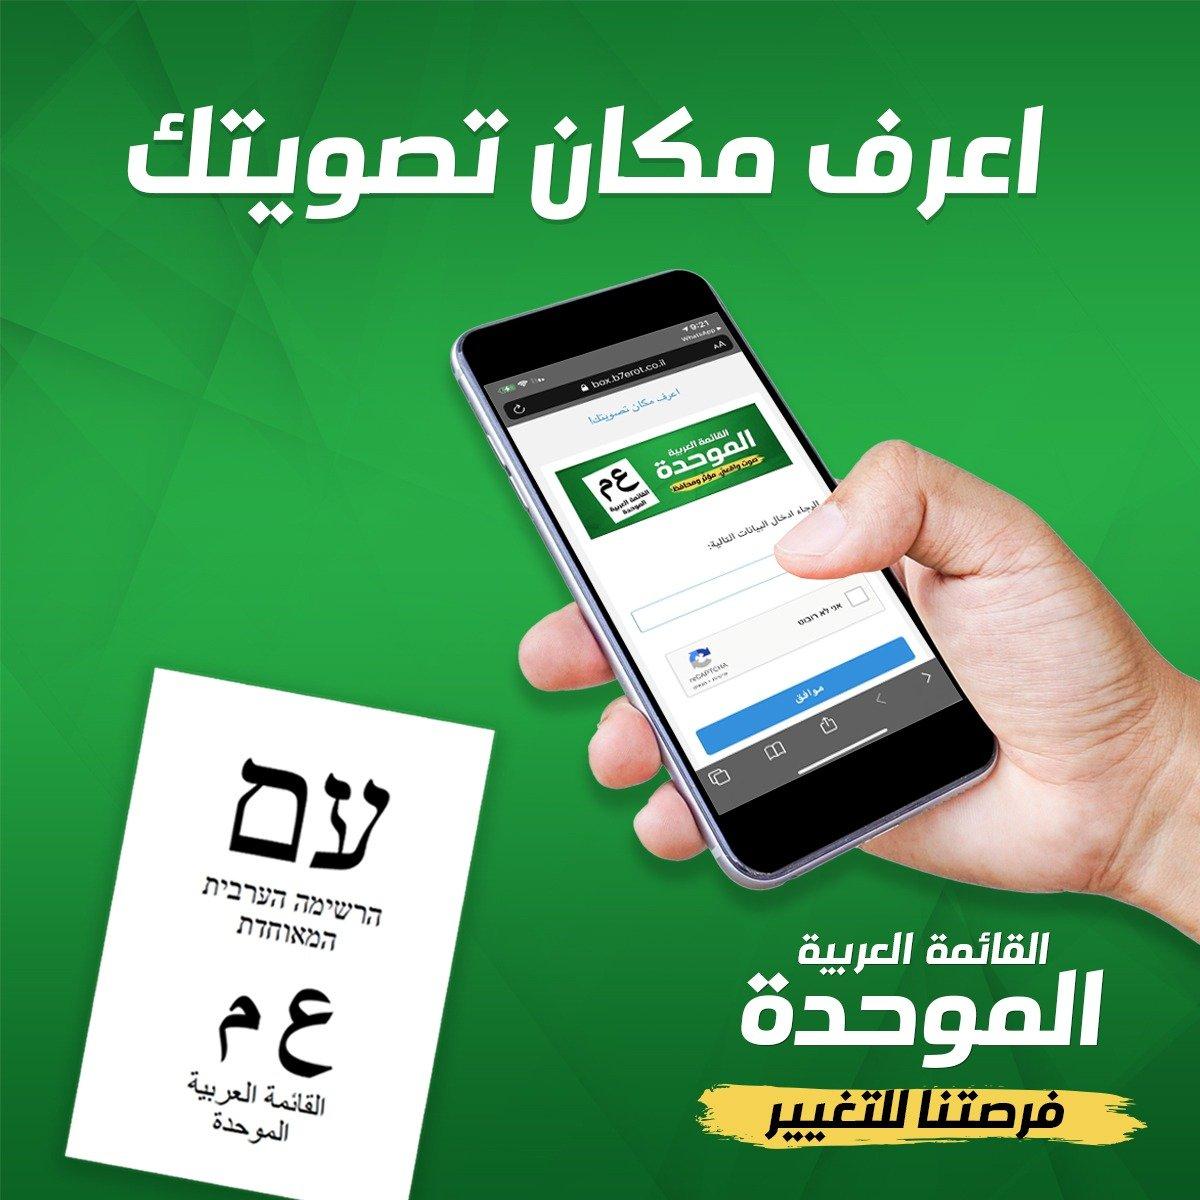 الموحدة تدعو الناخبين العرب مع صباح يوم الانتخابات أن يكون صوتهم عربيًا صافيًا مؤثرًا ومحافظًا-0